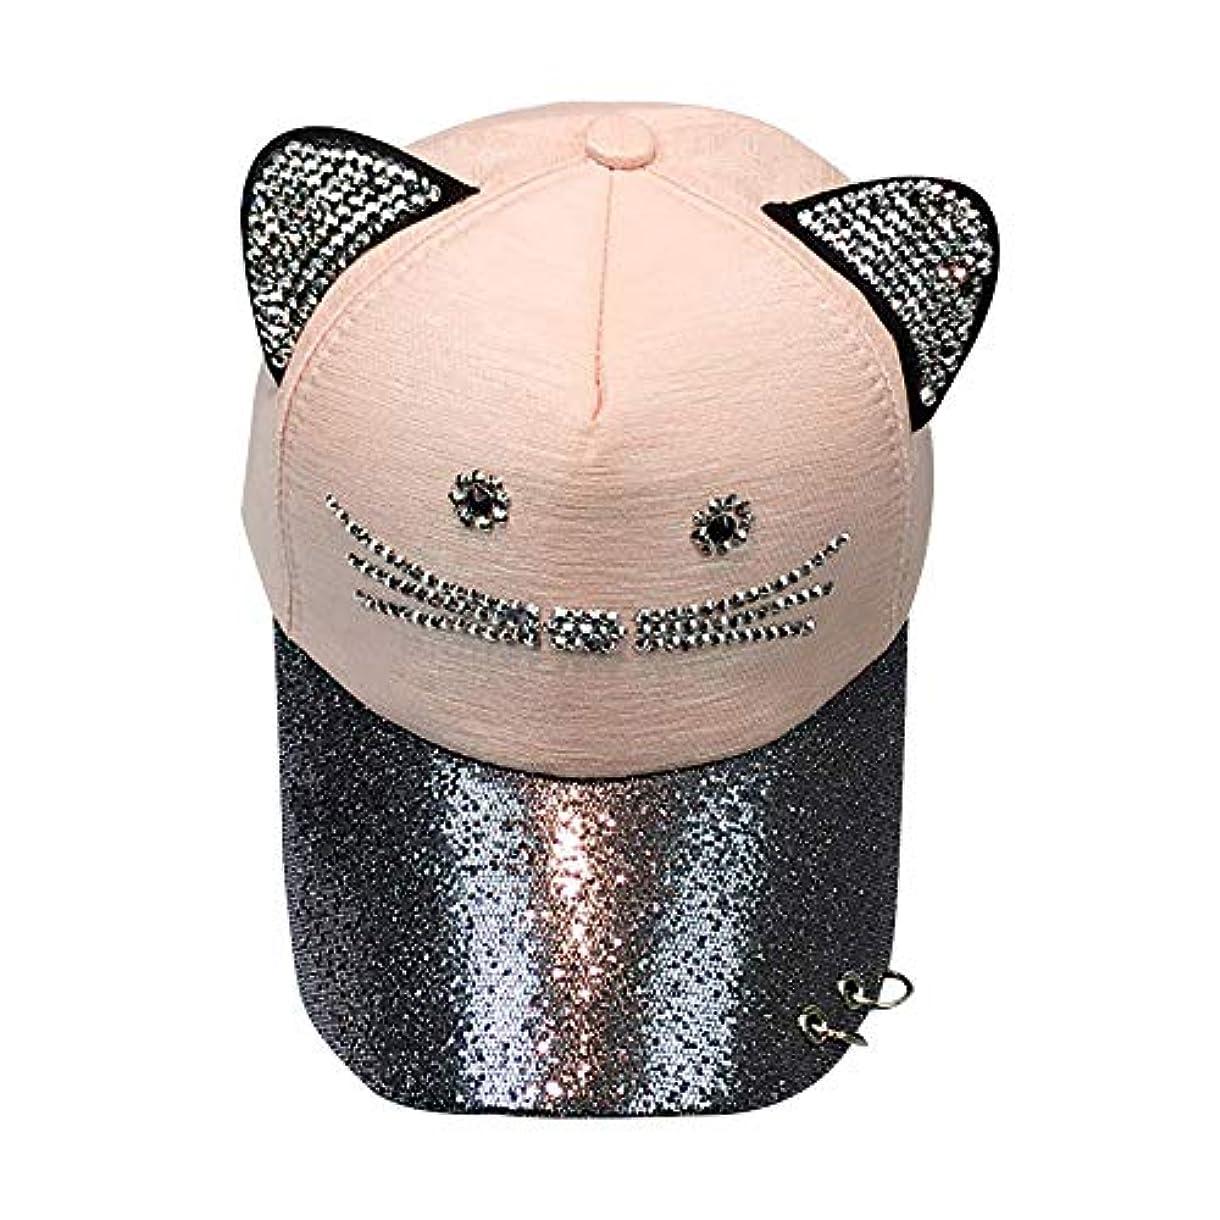 おもちゃパック放置Racazing Cap 野球帽 ヒップホップ メンズ 男女兼用 夏 登山 帽子スパンコール 可調整可能 プラスベルベット 棒球帽 UV 帽子 軽量 屋外 Unisex Hat